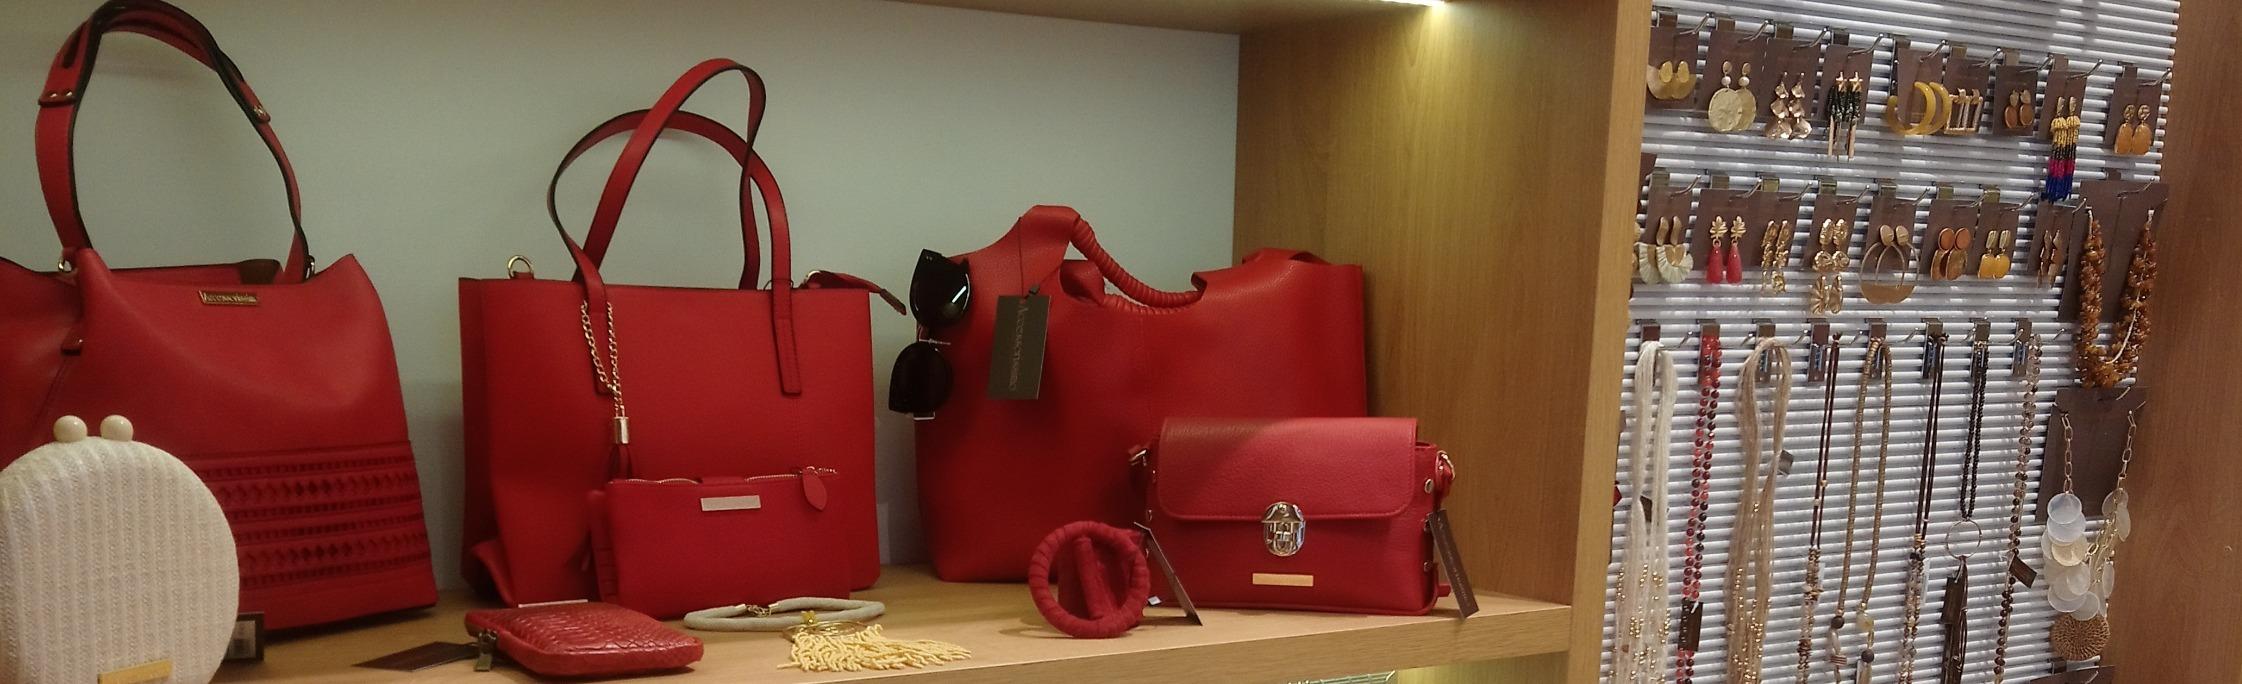 Accessorissimo - moda y accesorios